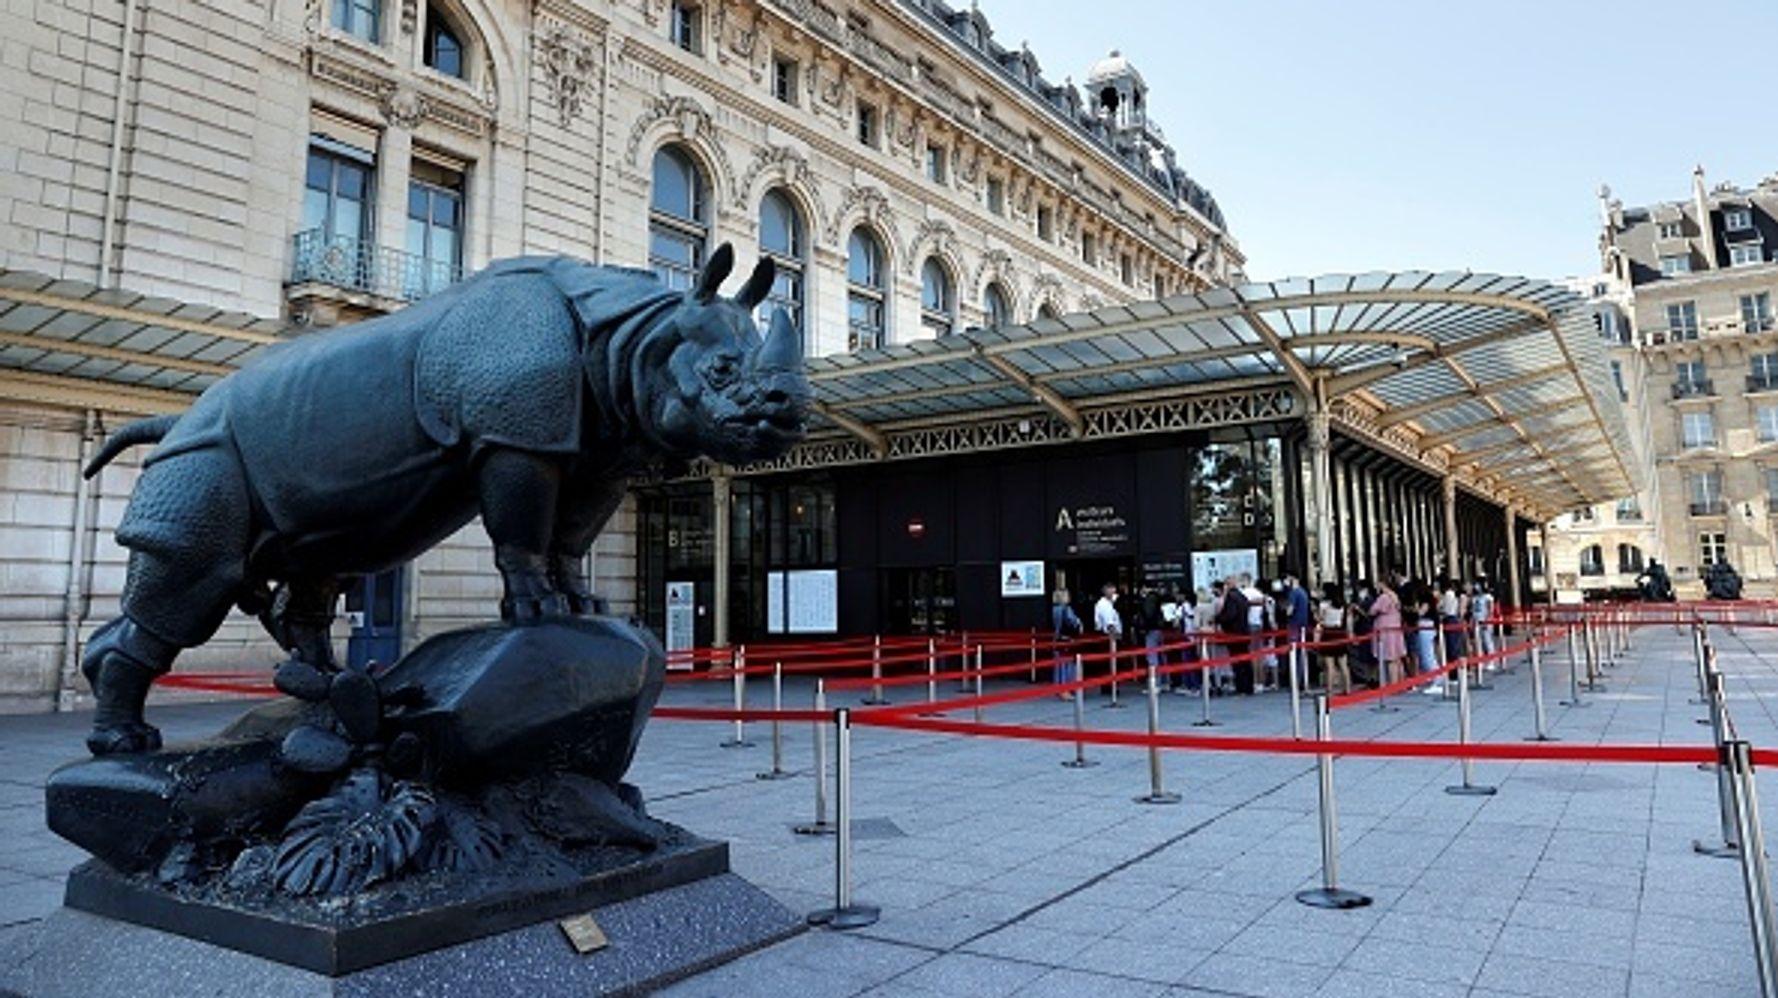 Le musée d'Orsay portera le nom de Valéry Giscard d'Estaing, c'est confirmé